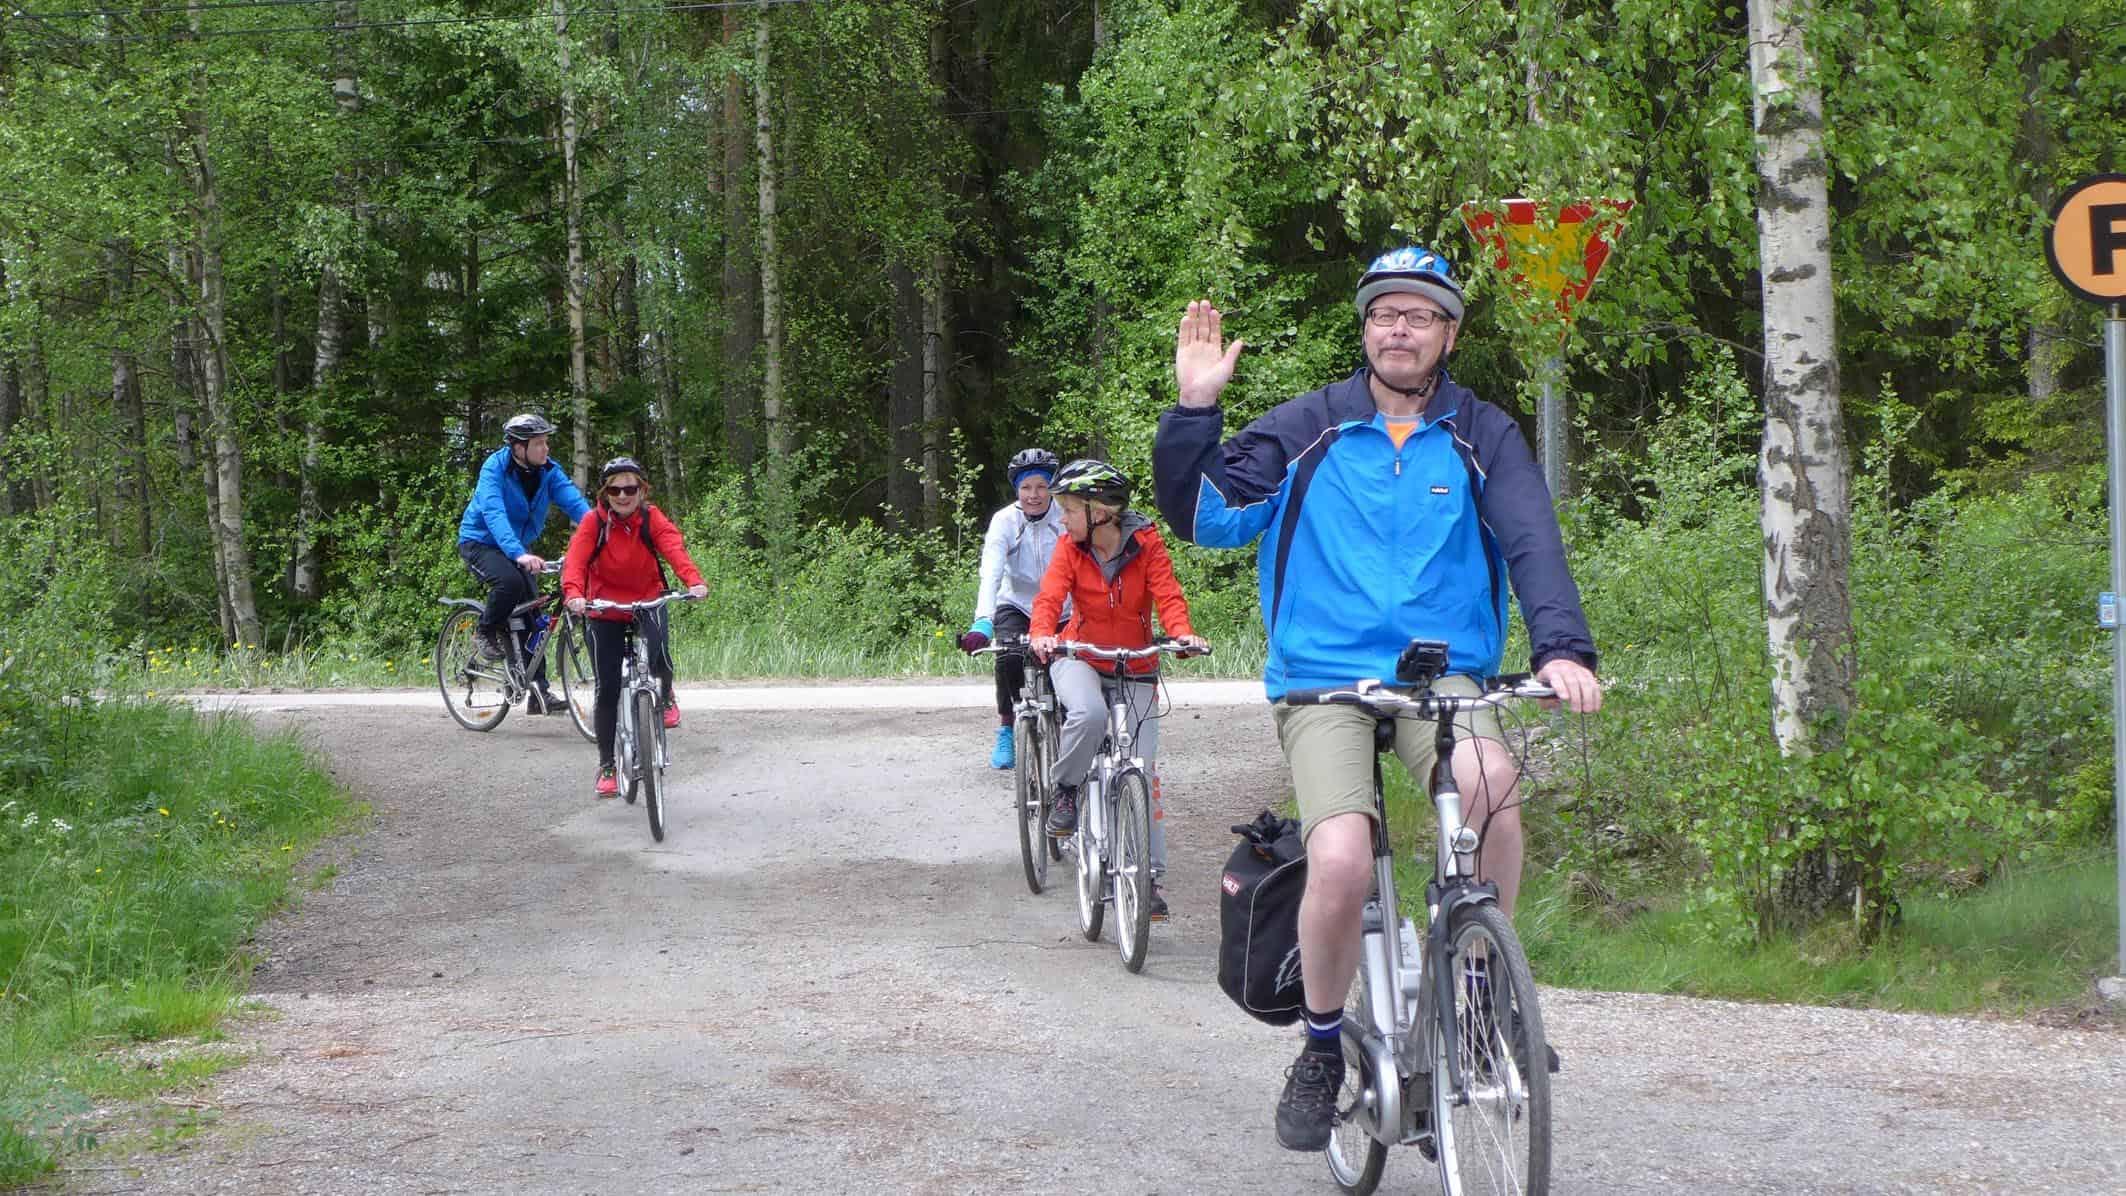 Viisi pyöräilijää, joista ensimmäinen vilkuttaa.